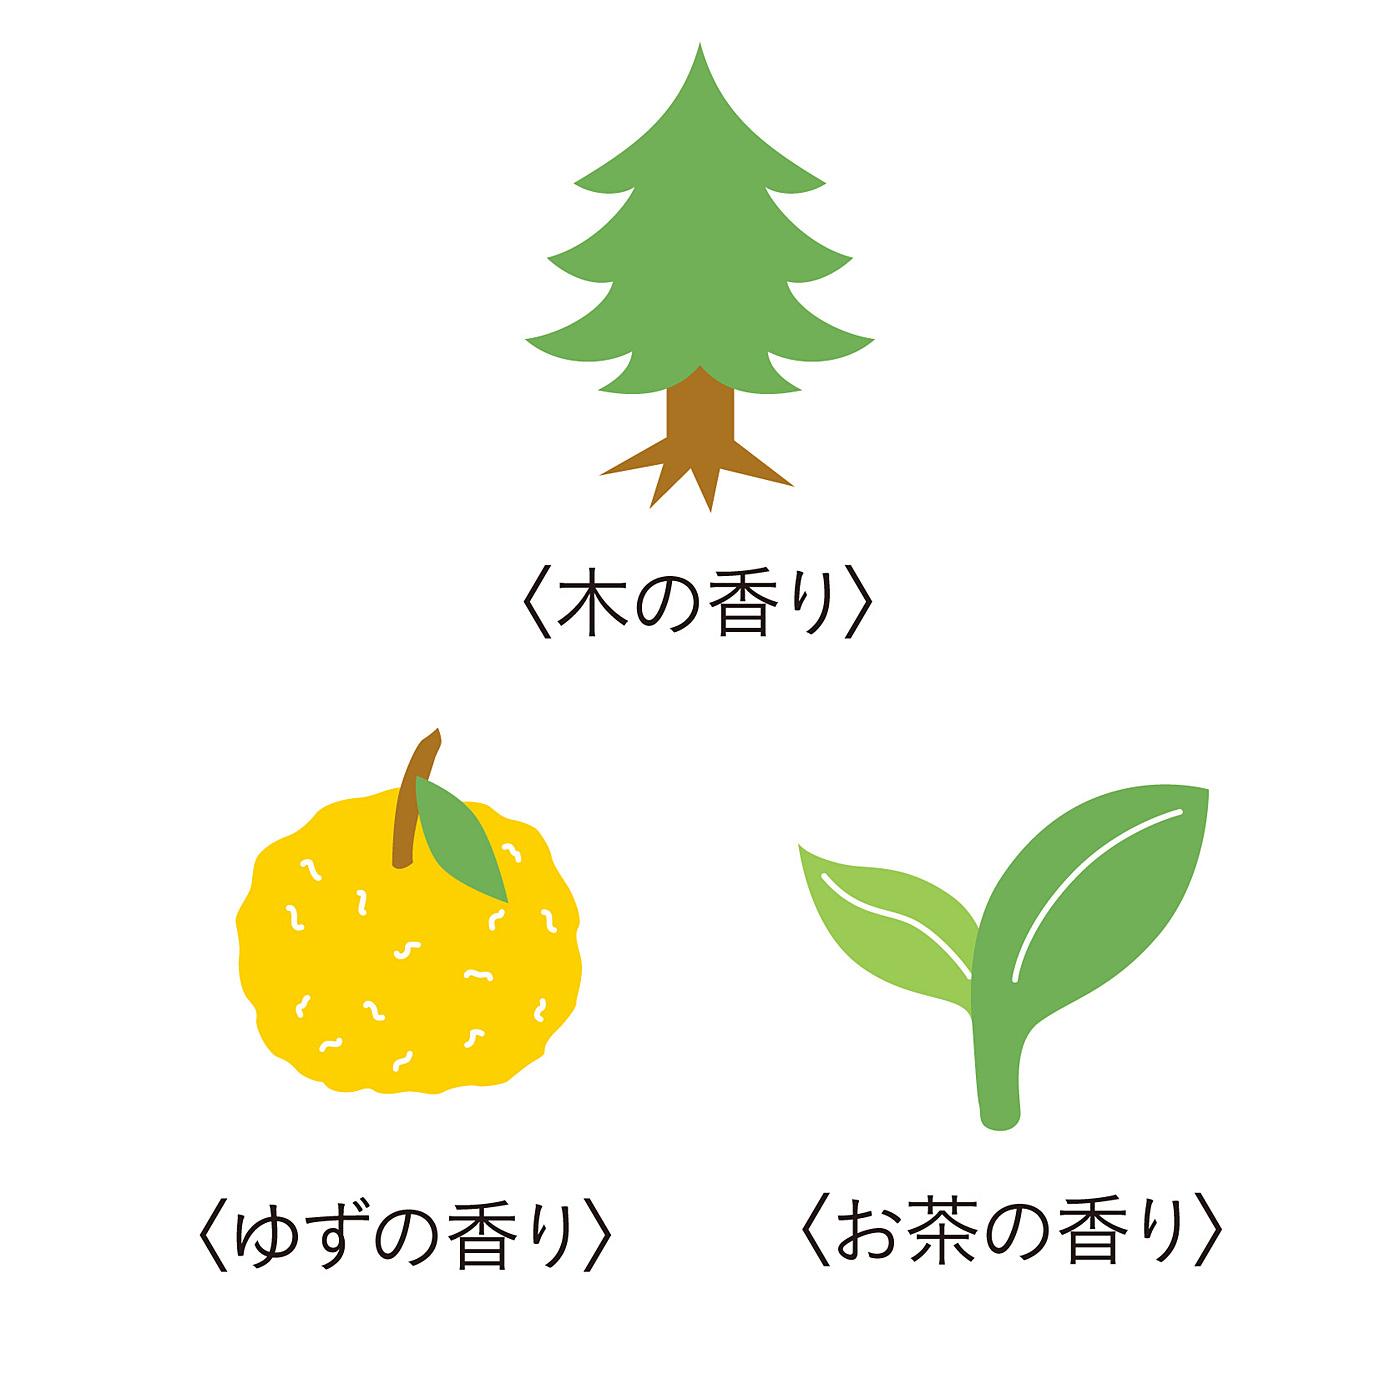 ●ナチュラルな3種類の香りの中からお届けします。